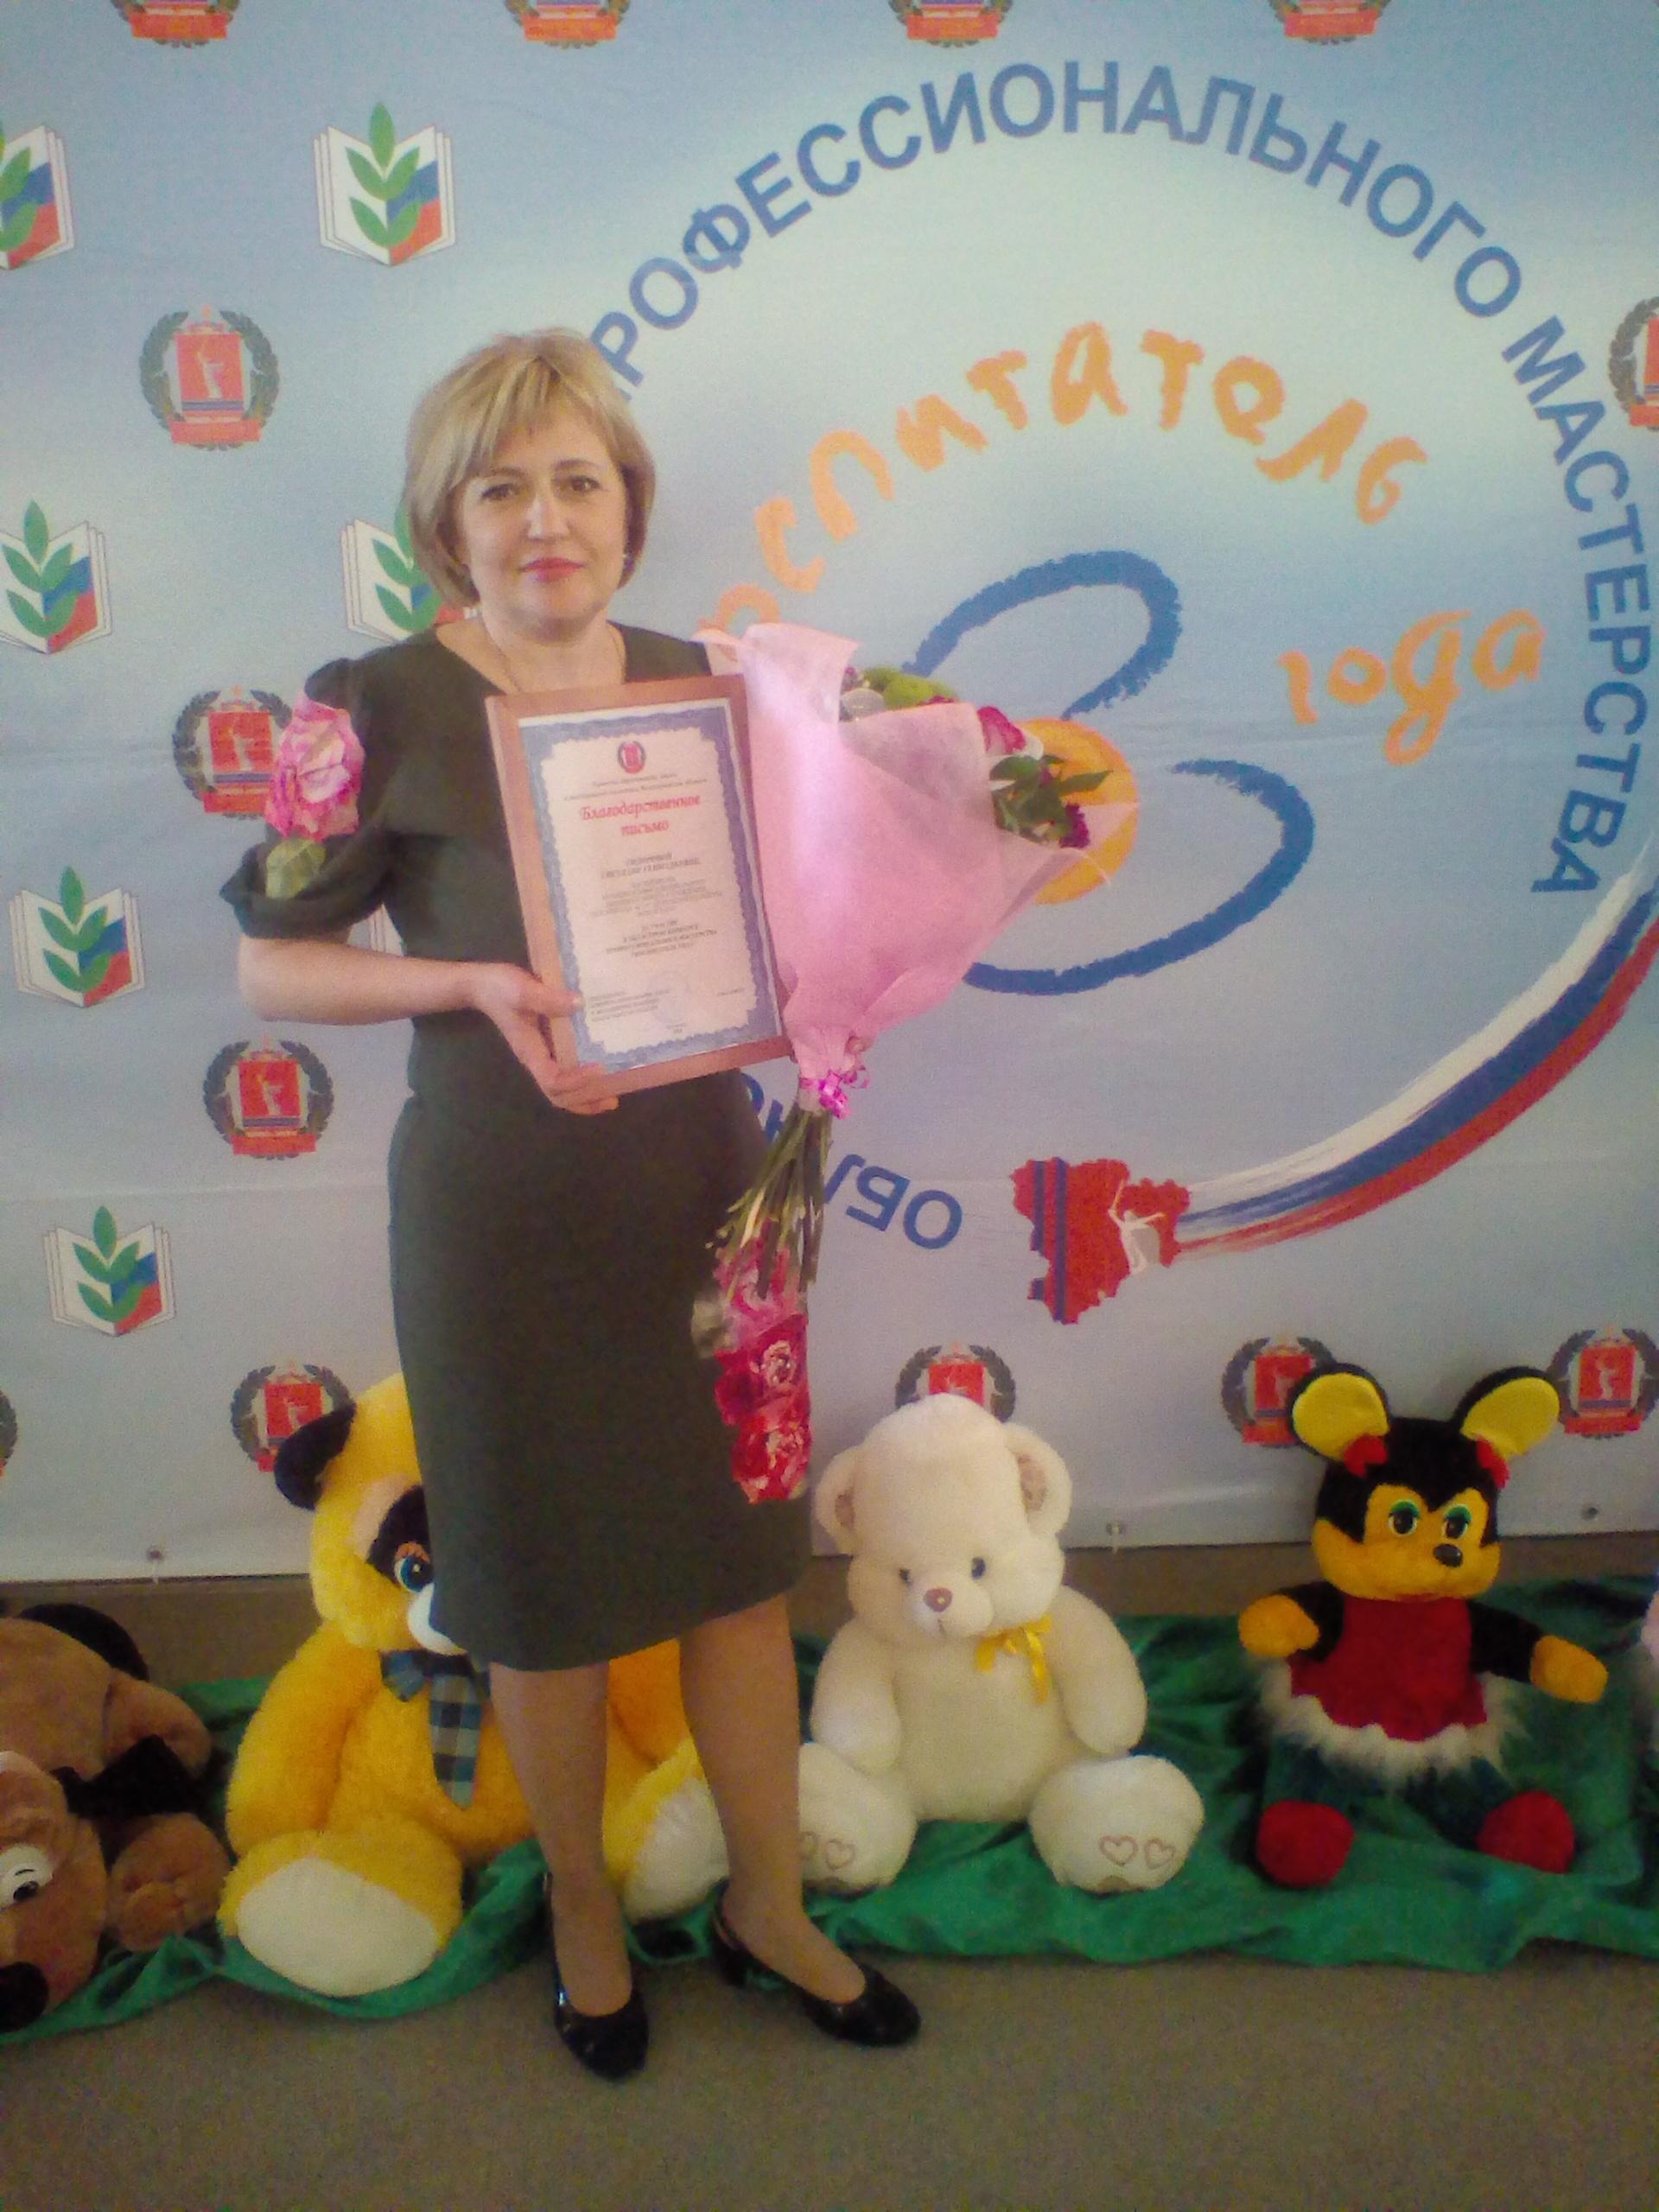 поздравление участникам конкурса педагогического мастерства поведения школе переменах